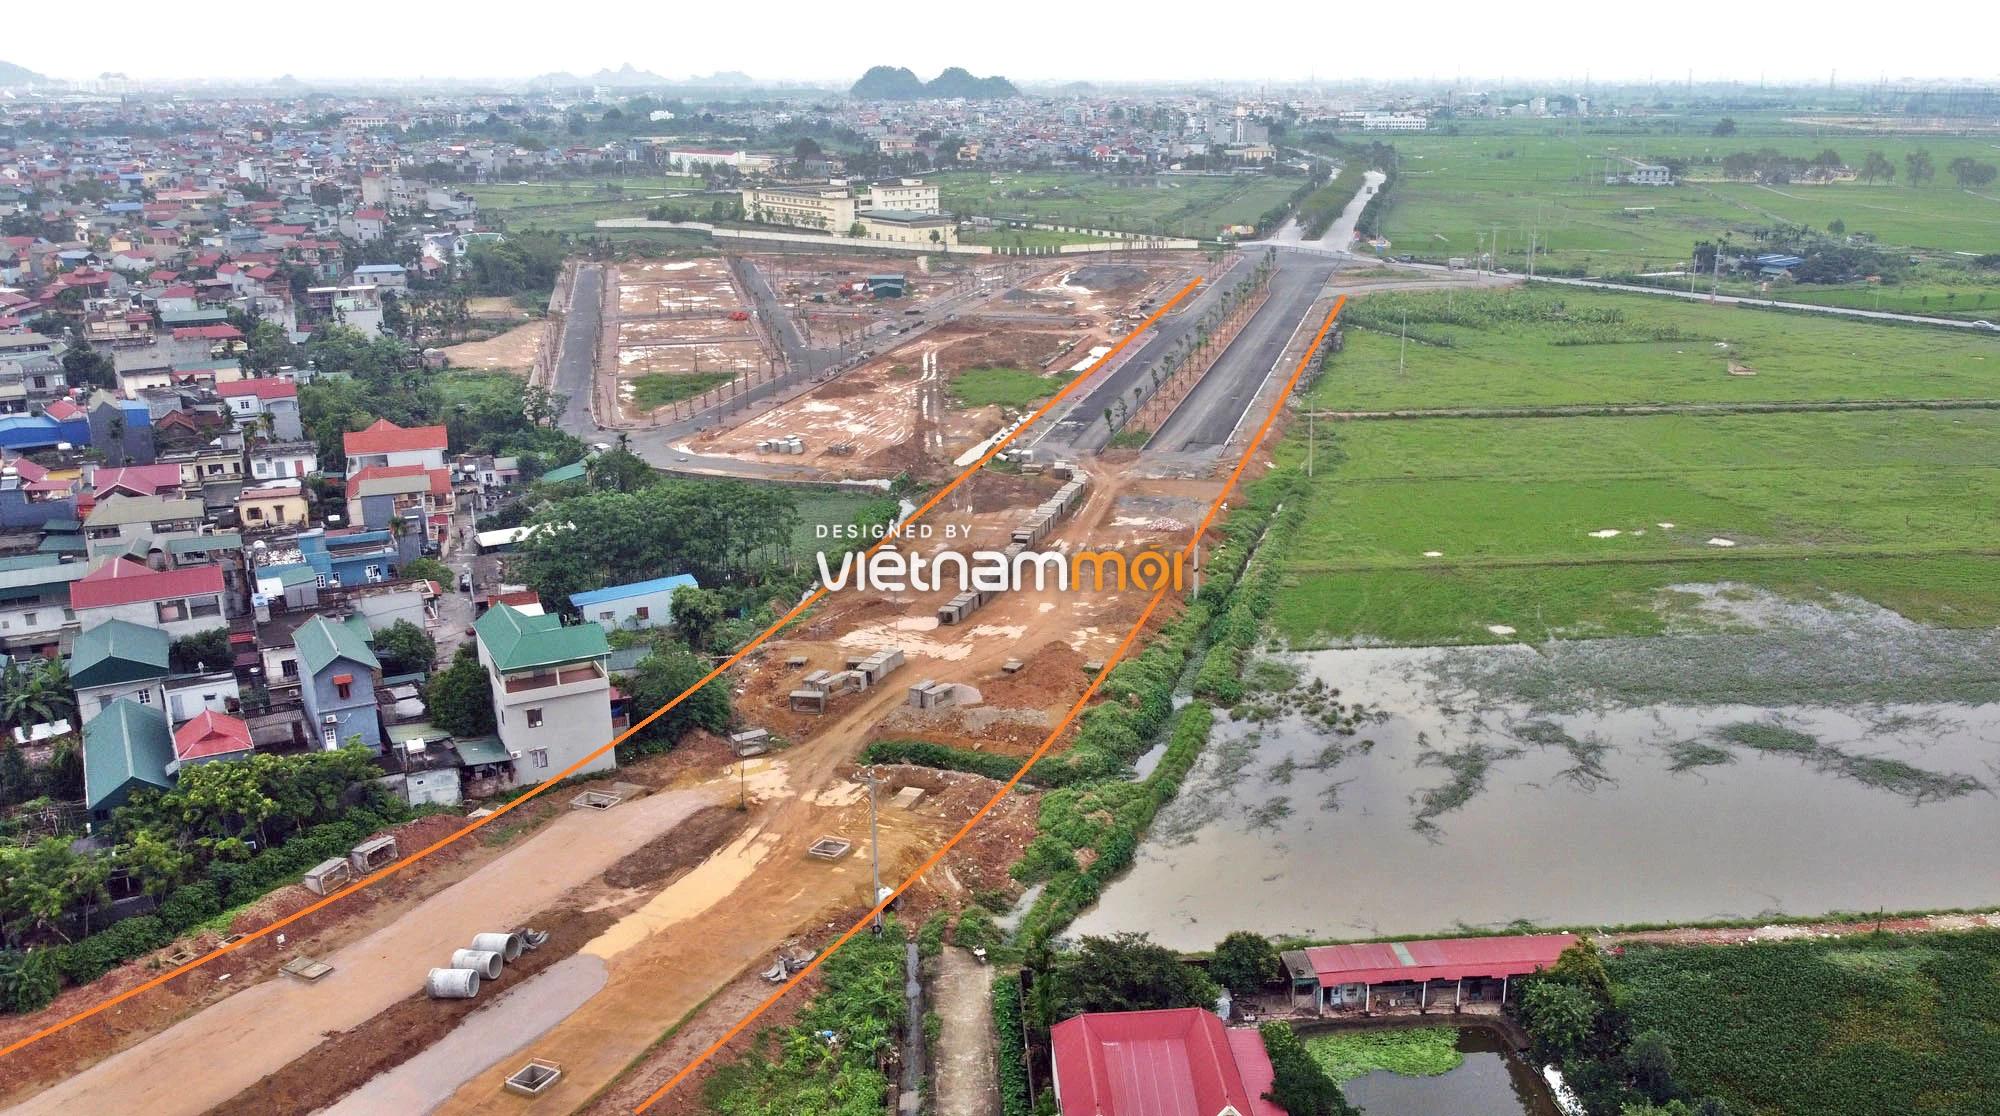 Toàn cảnh đường trục chính Bắc - Nam KĐT Quốc Oai kéo dài đang mở theo quy hoạch ở Hà Nội - Ảnh 17.